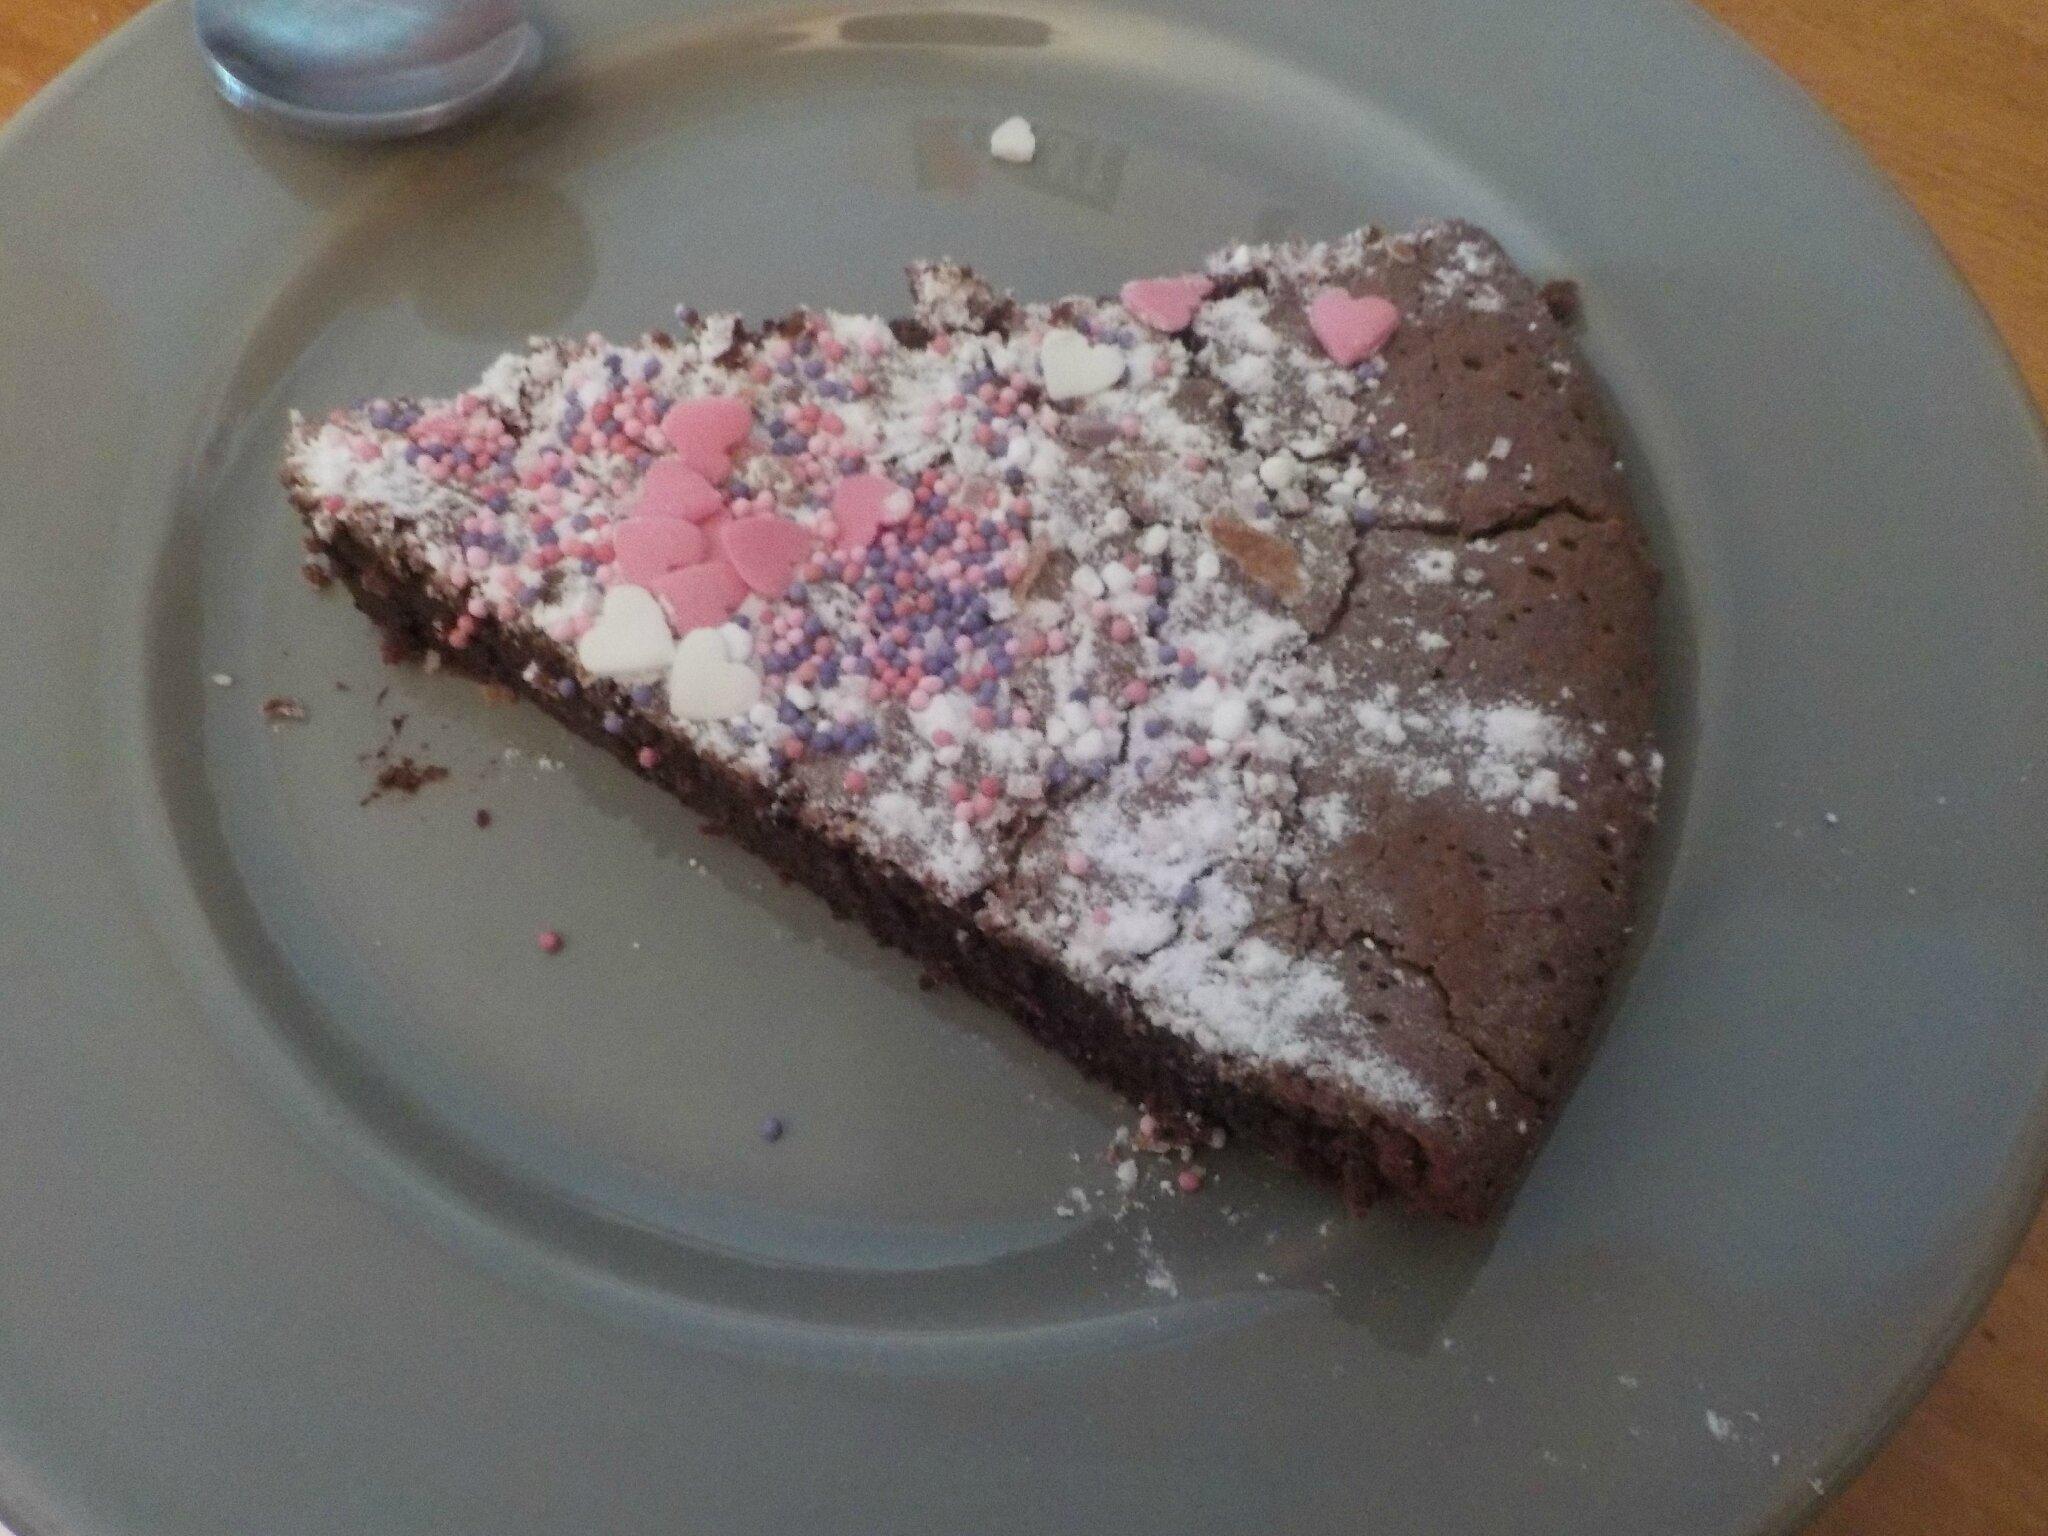 RECETTE 1: Le gâteau au chocolat